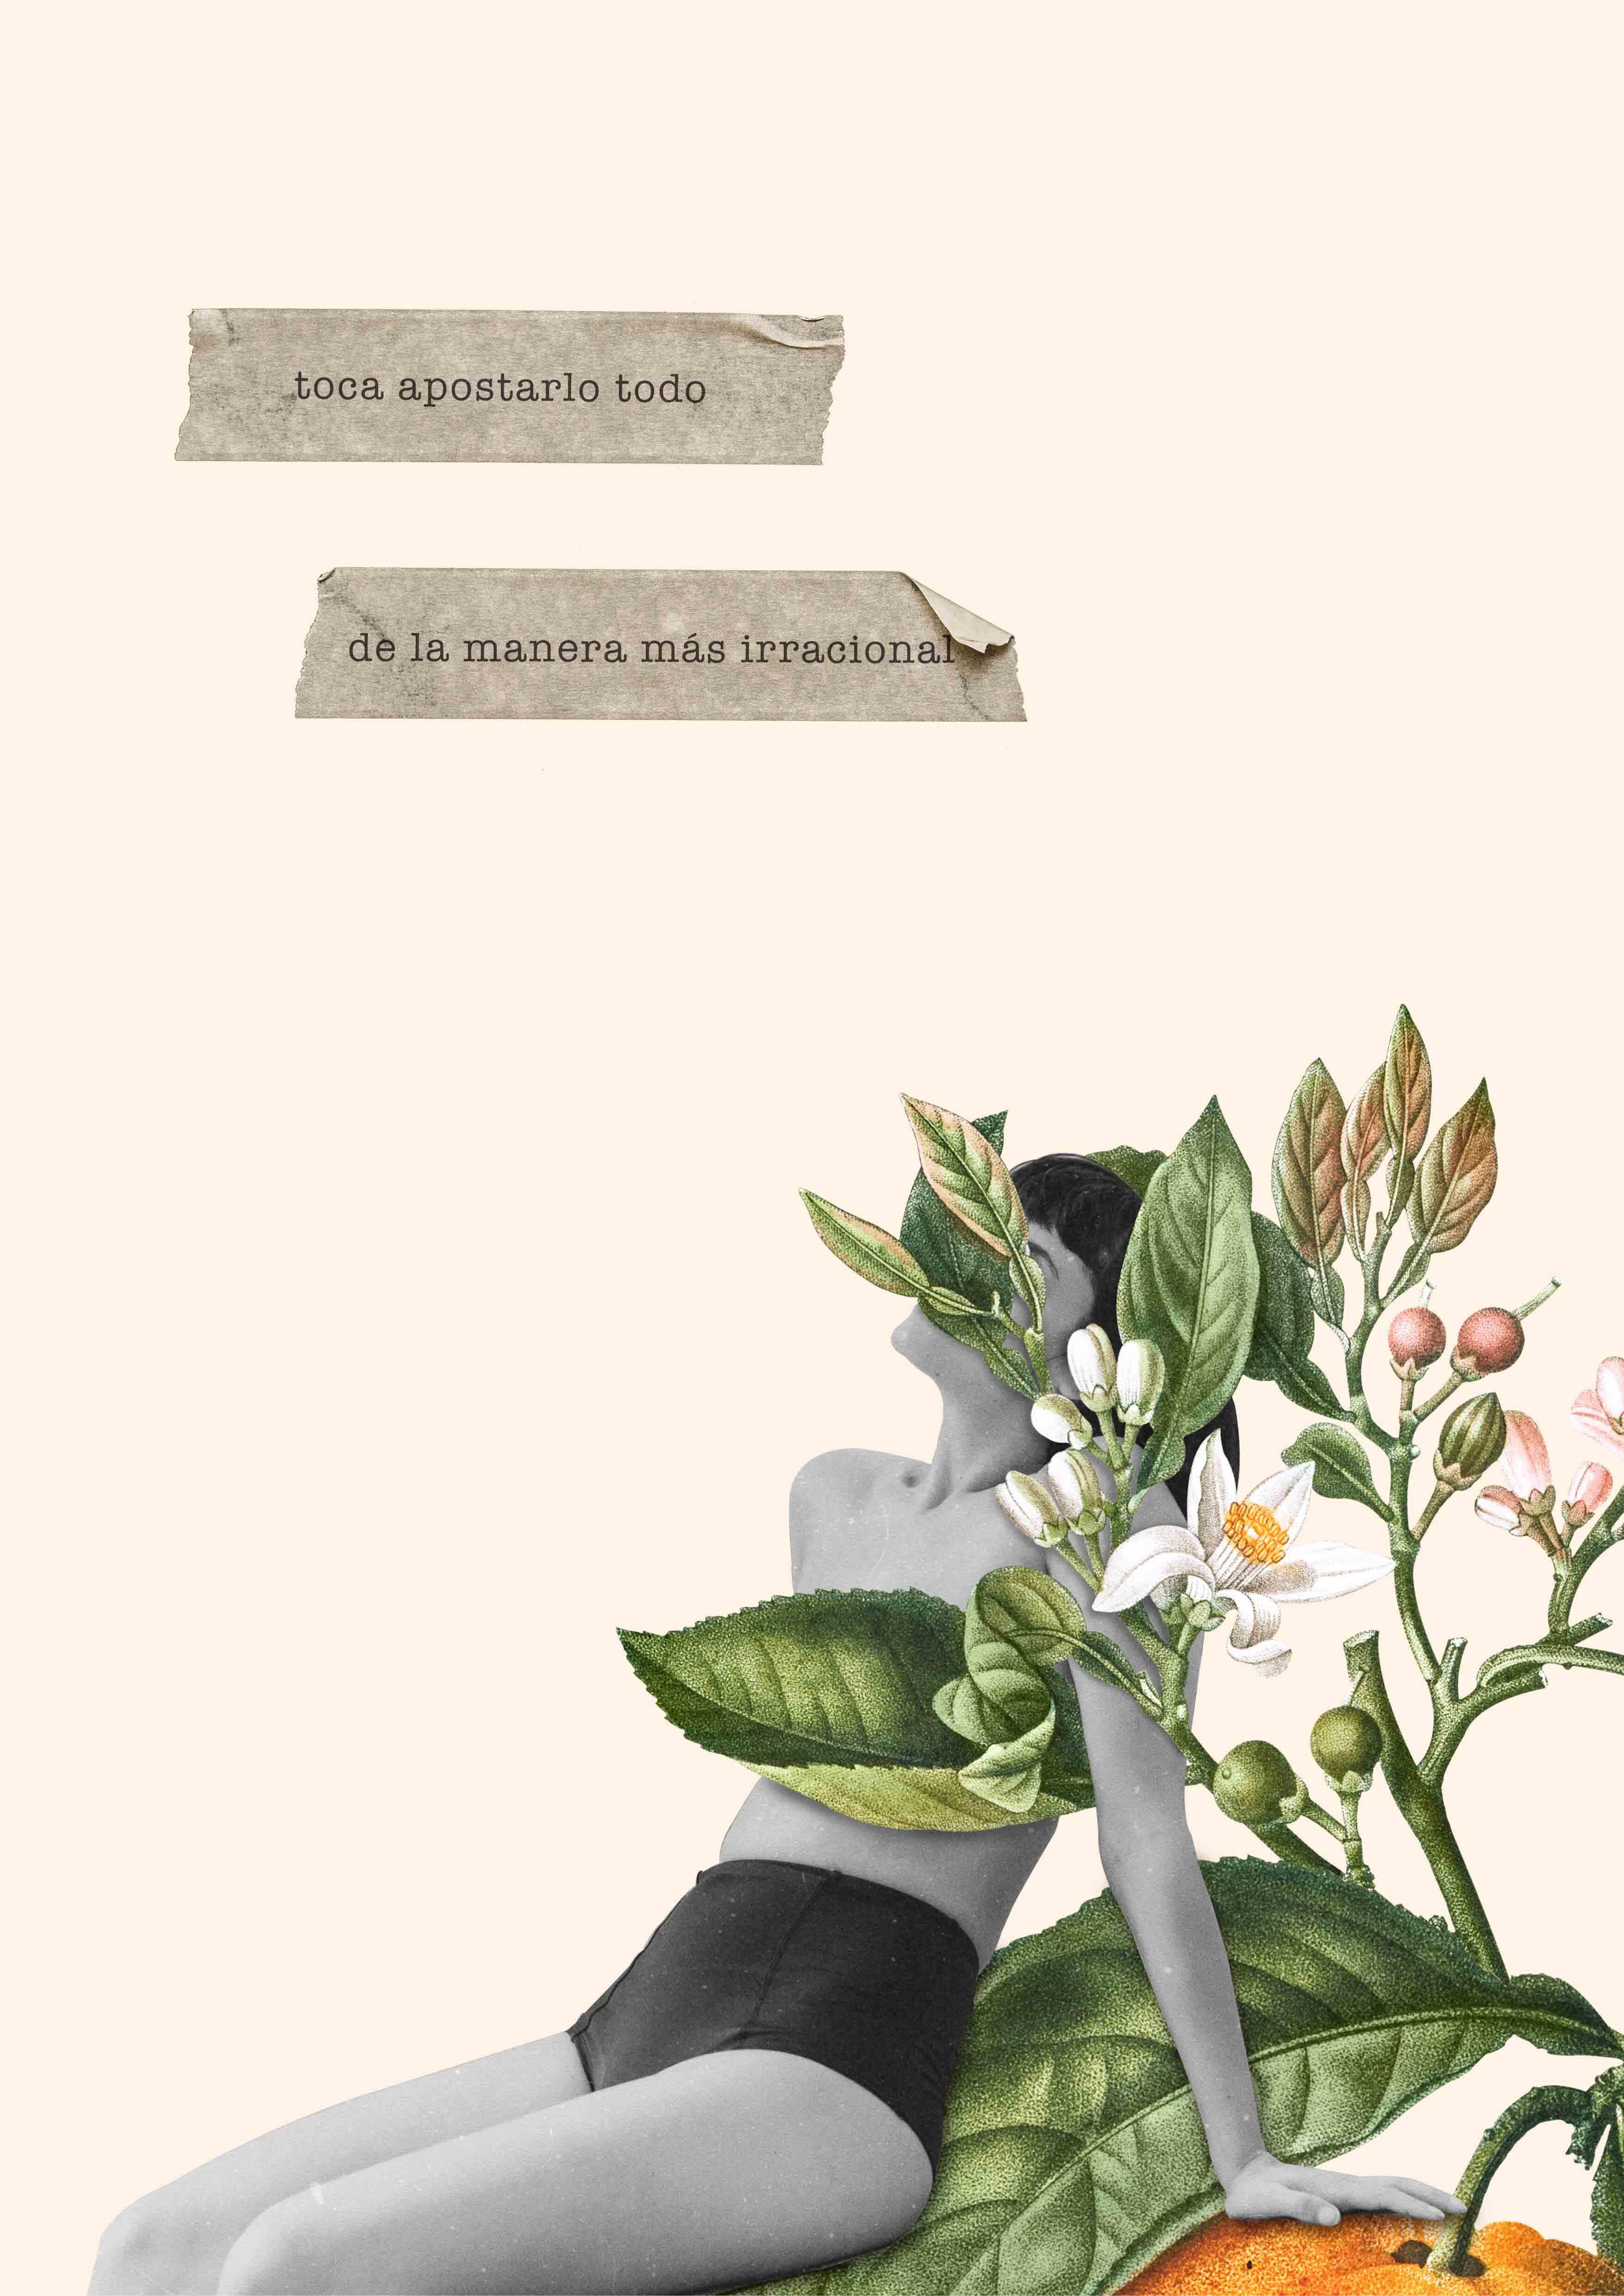 © Mar Cerdeira - Song inspired